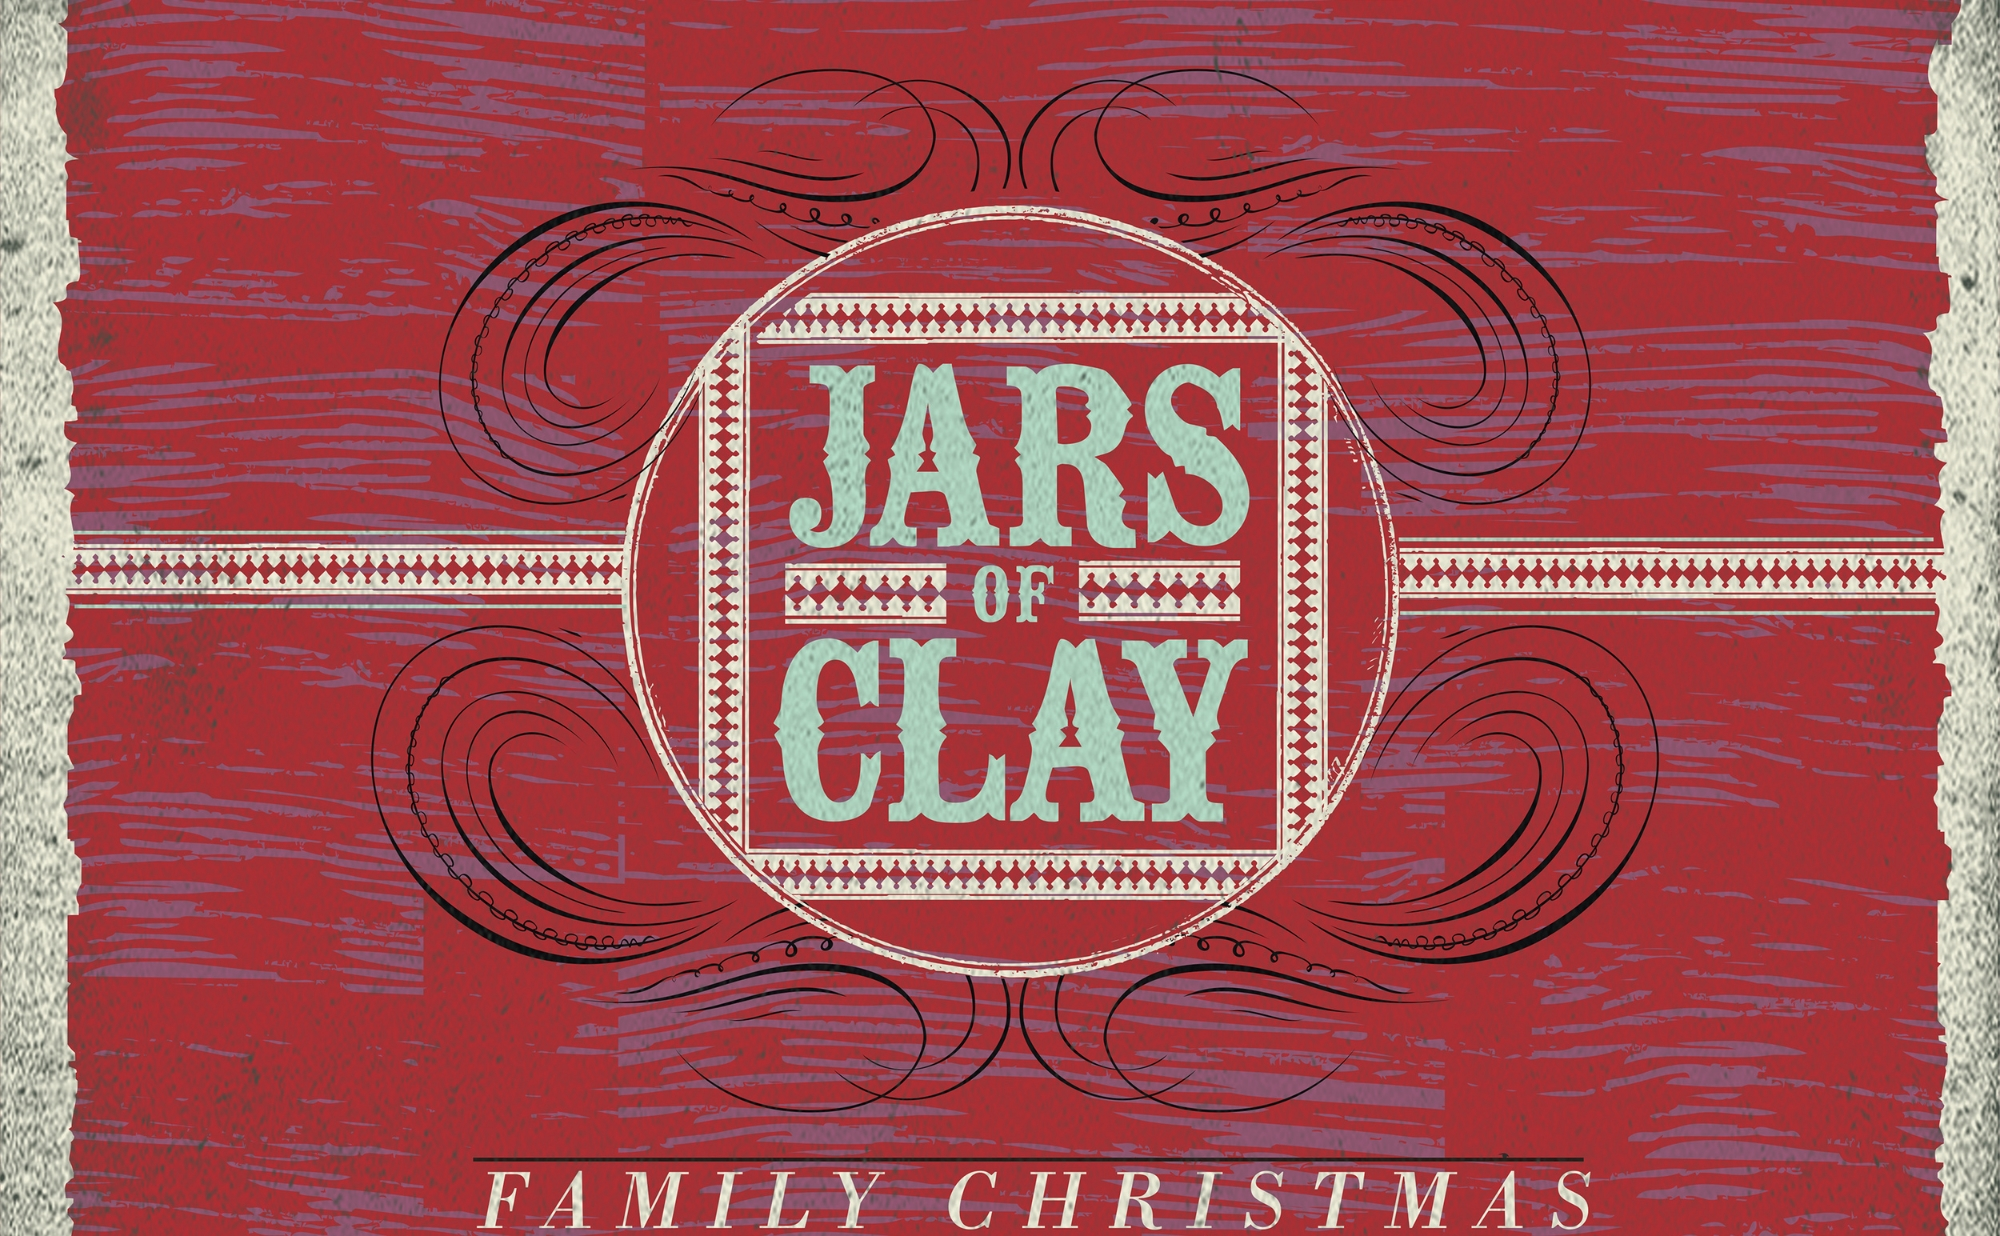 JOC Christmas Poster.jpg